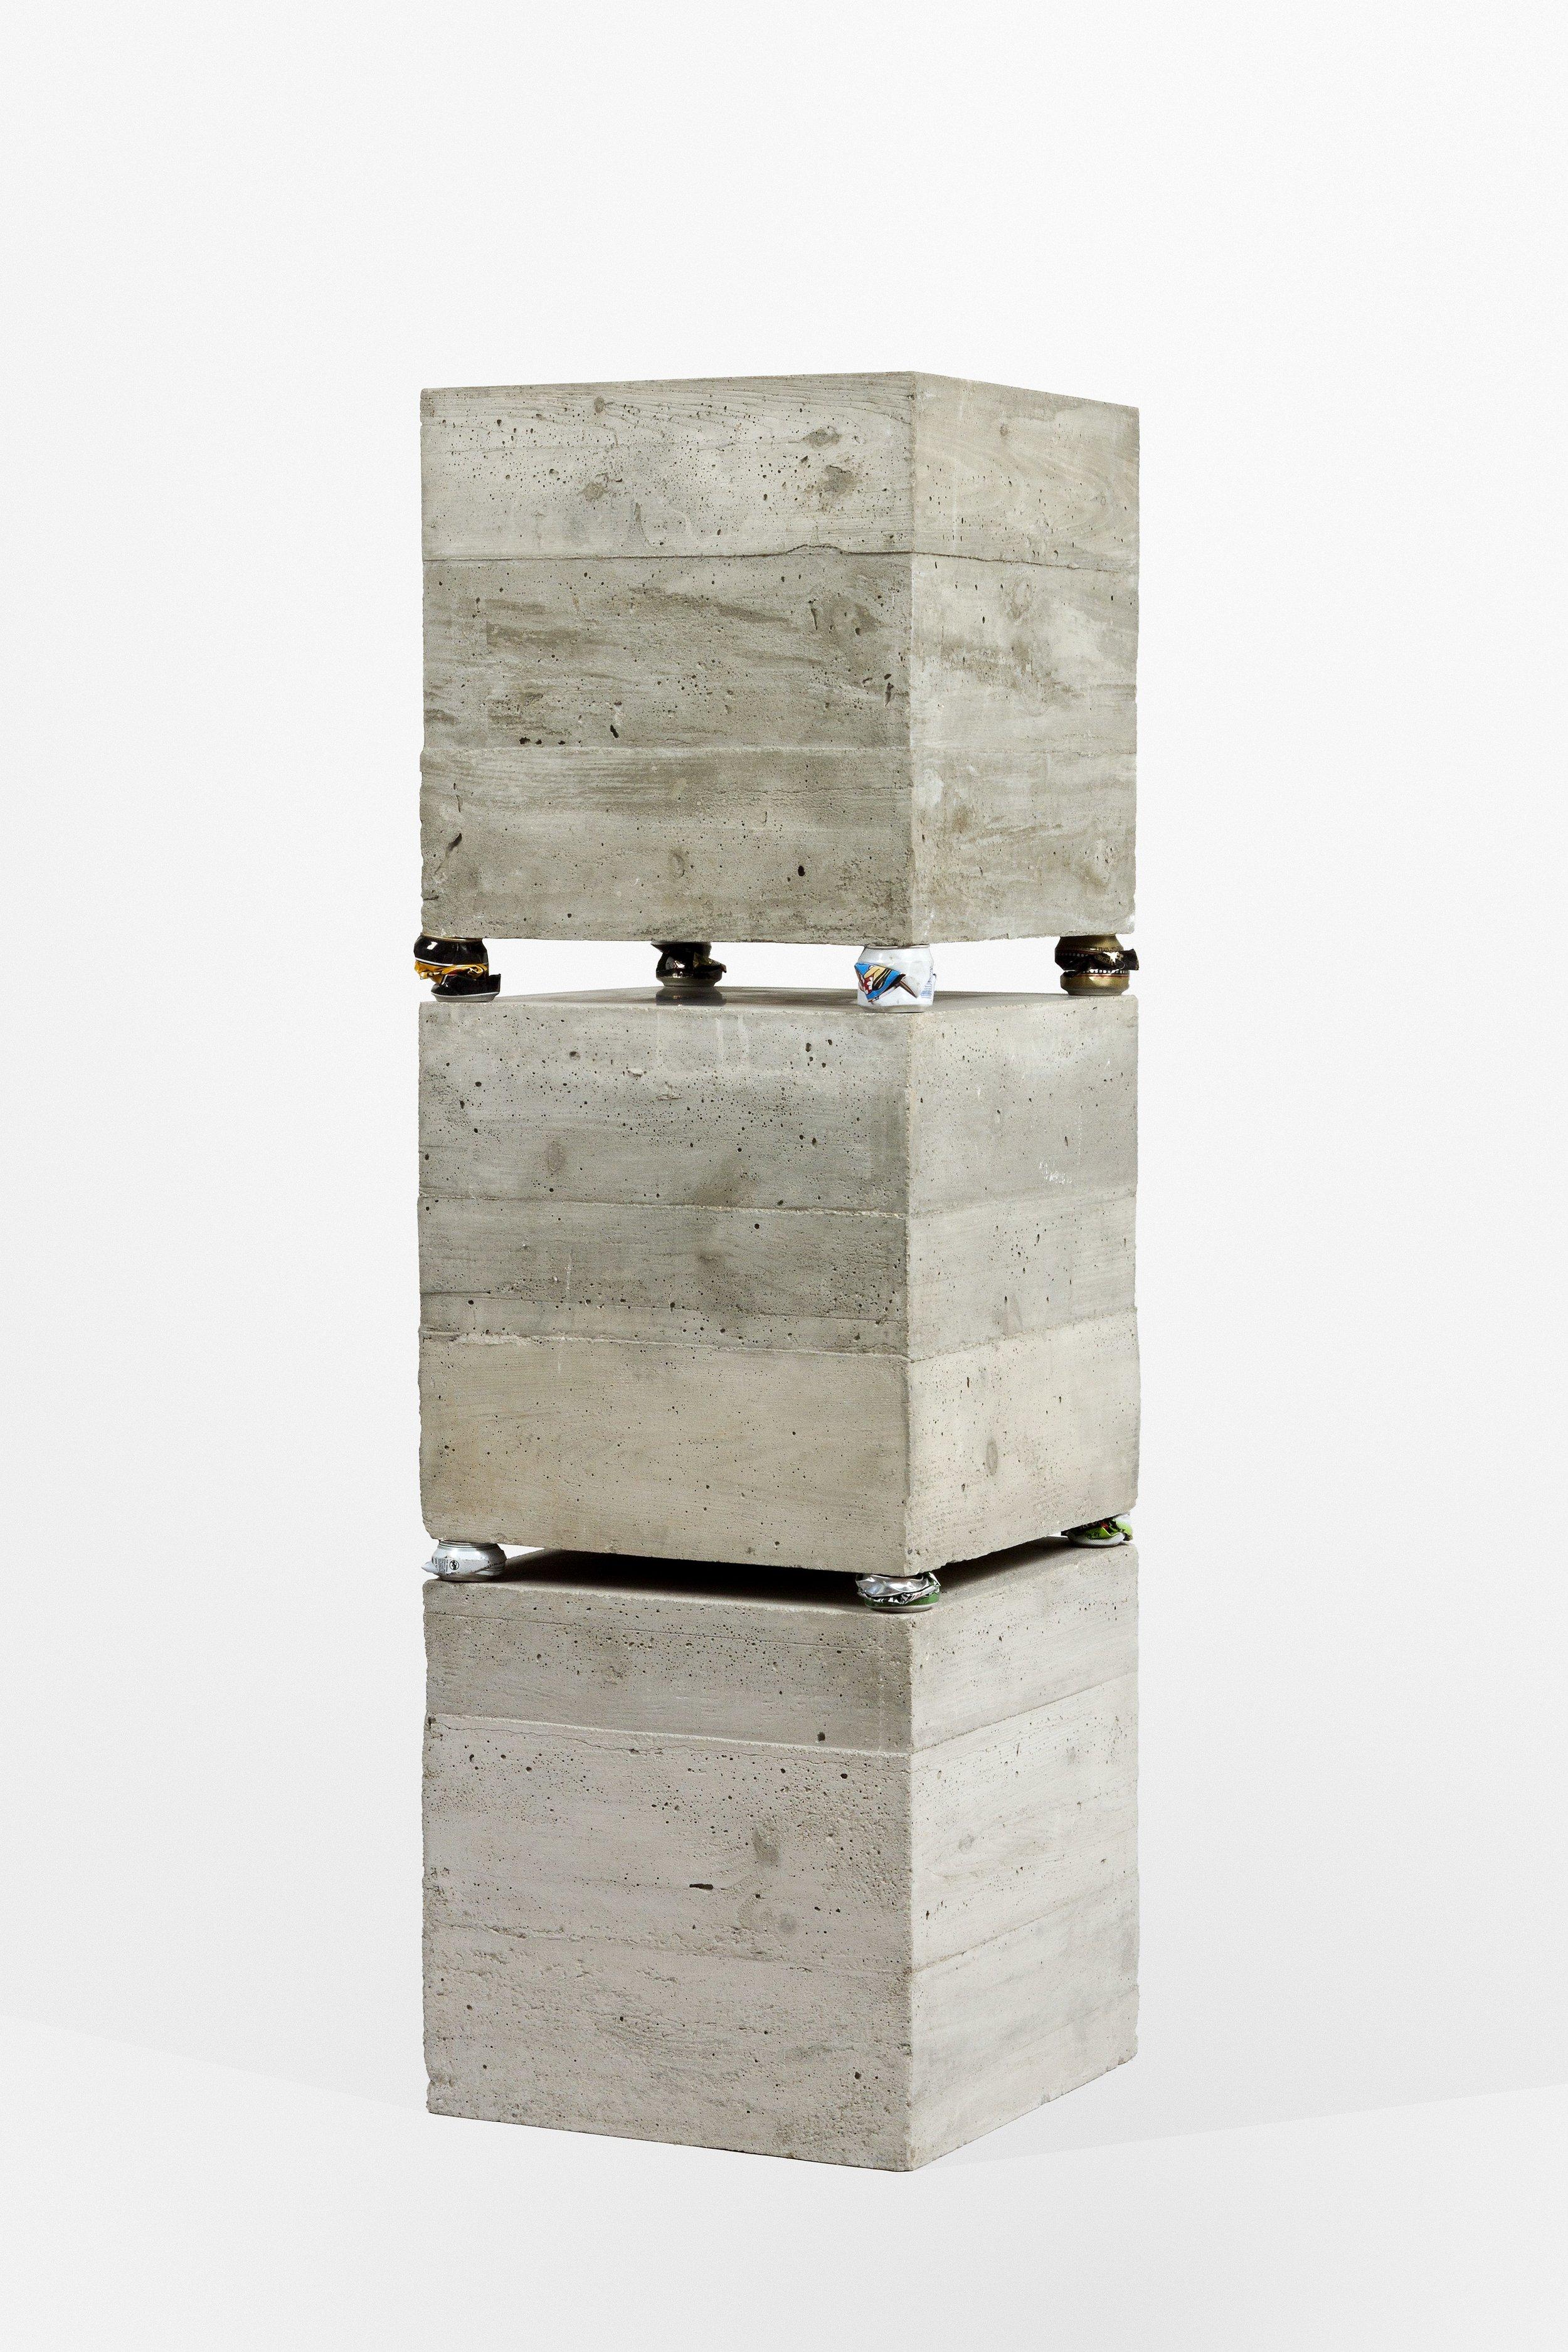 01-Sabatier-Cans-II-2012.jpg